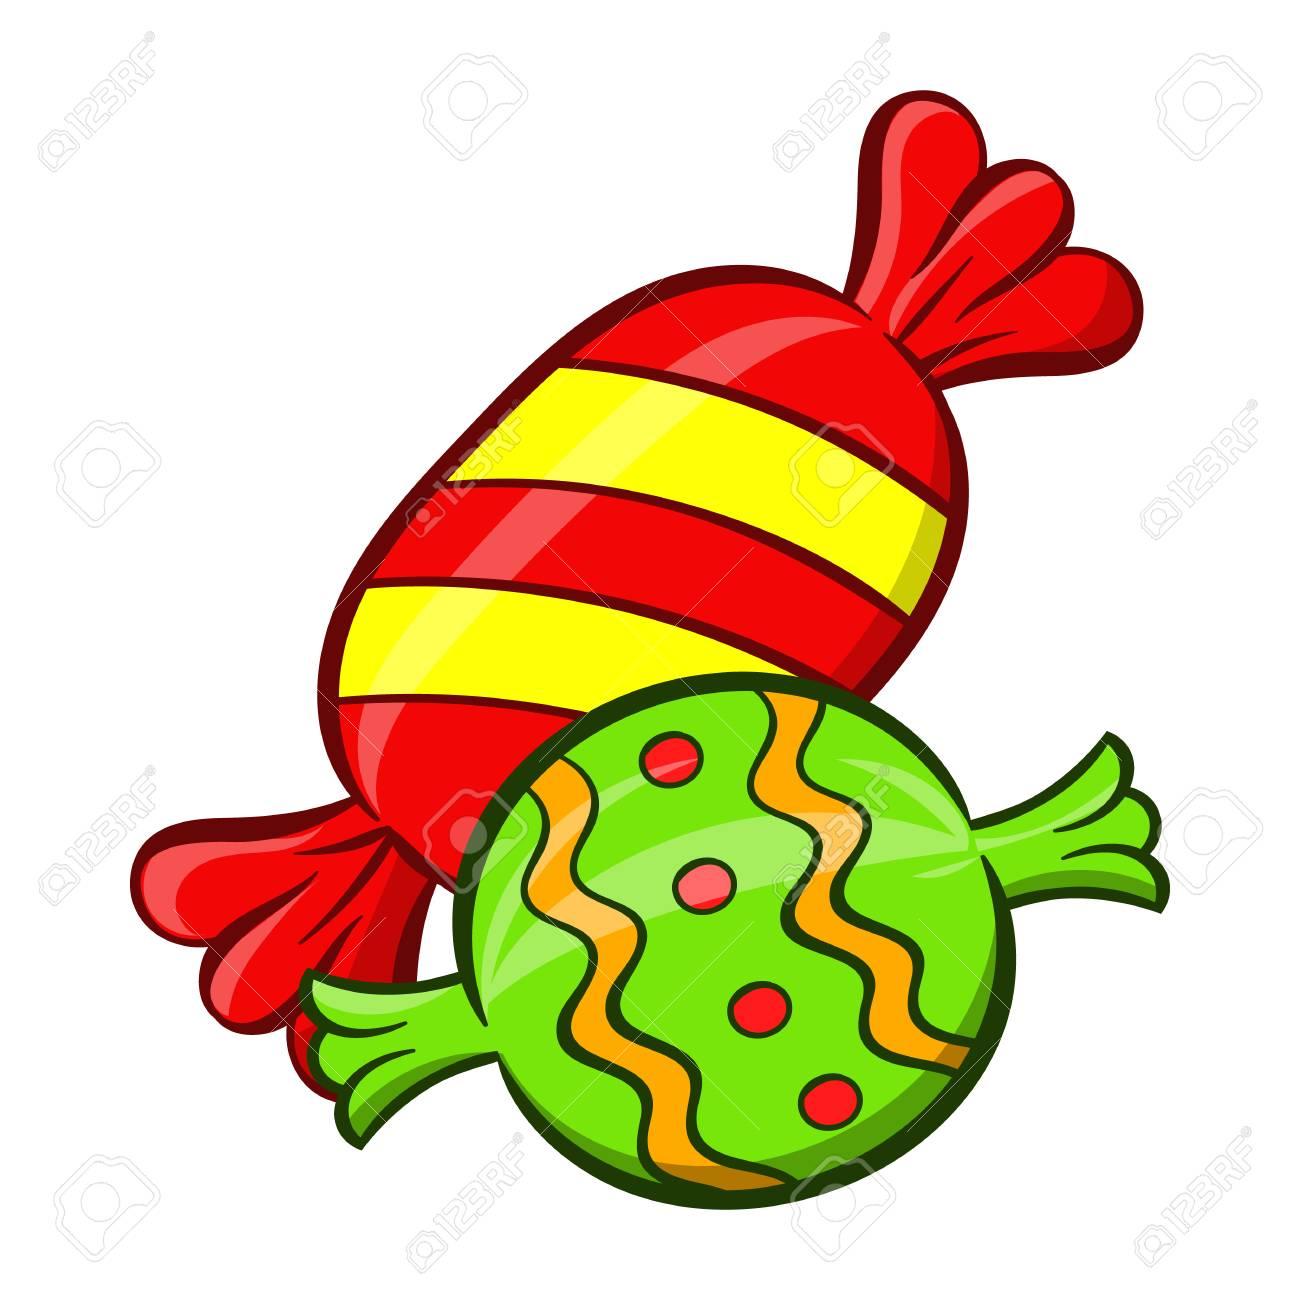 Süßigkeit Symbol in Cartoon Stil auf weißem Hintergrund. Süßigkeiten Symbol